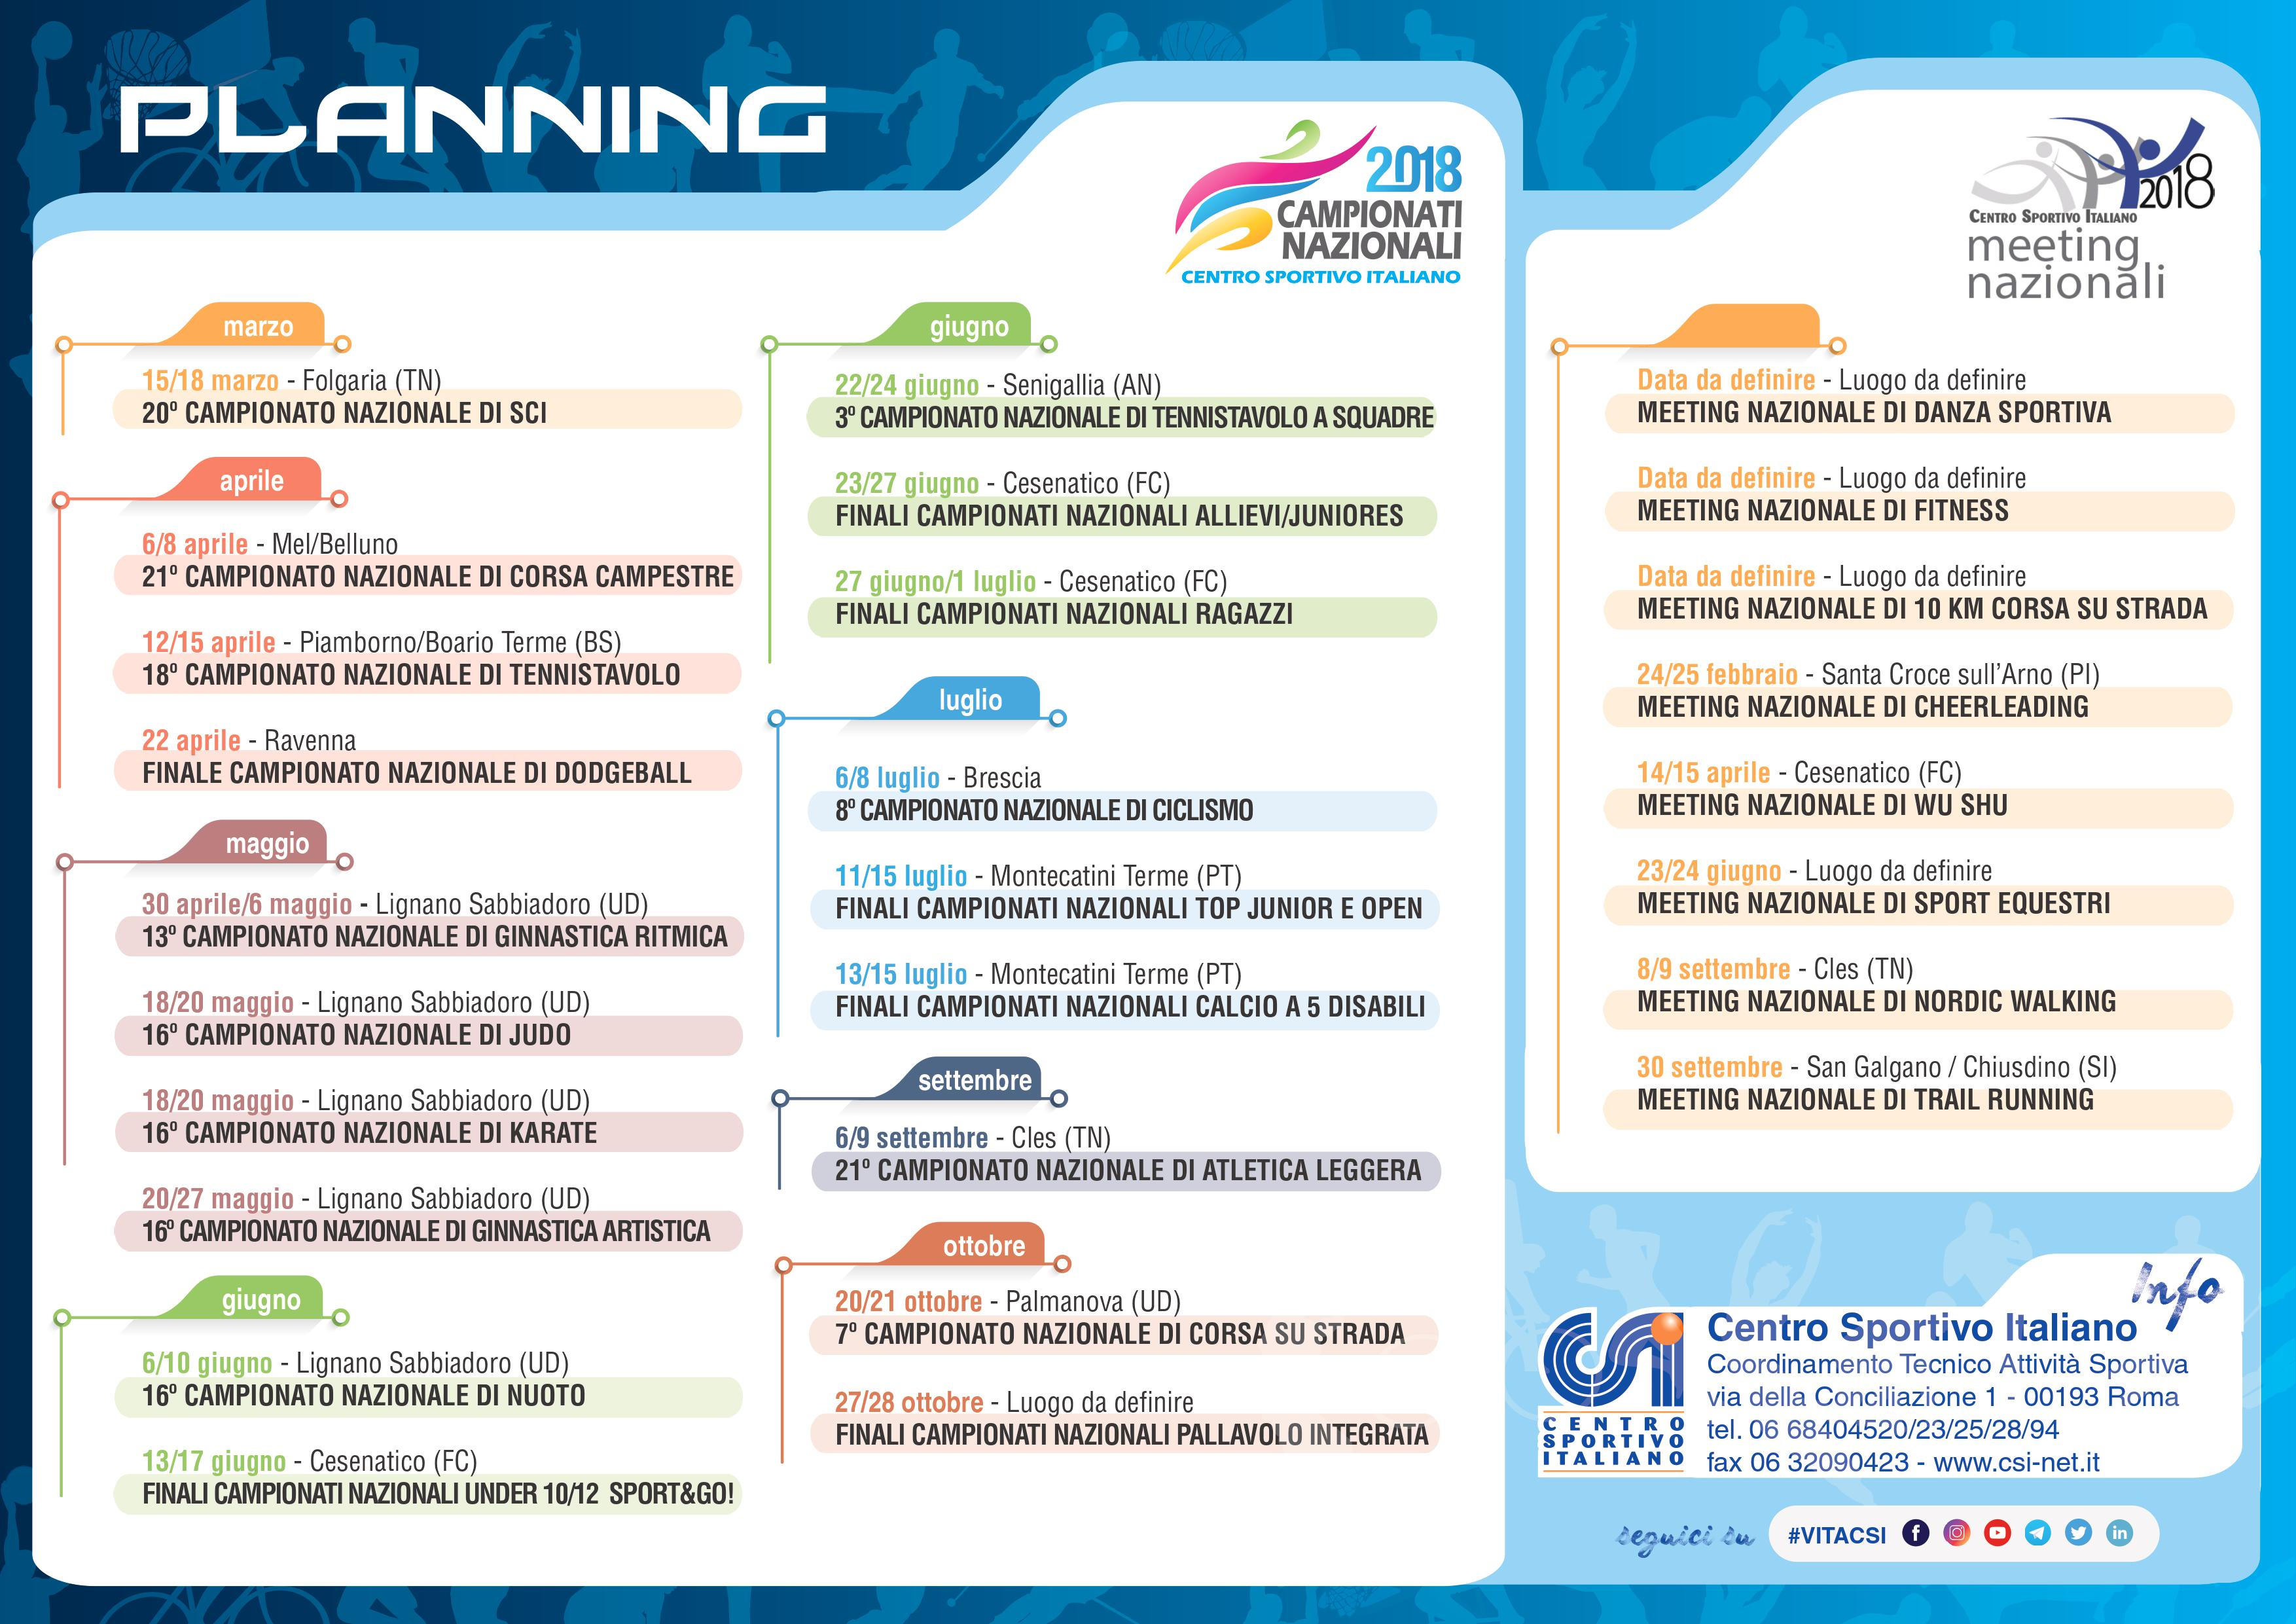 Calendario Nazionali.I Loghi Dei Campionati Nazionali E Il Calendario Csi